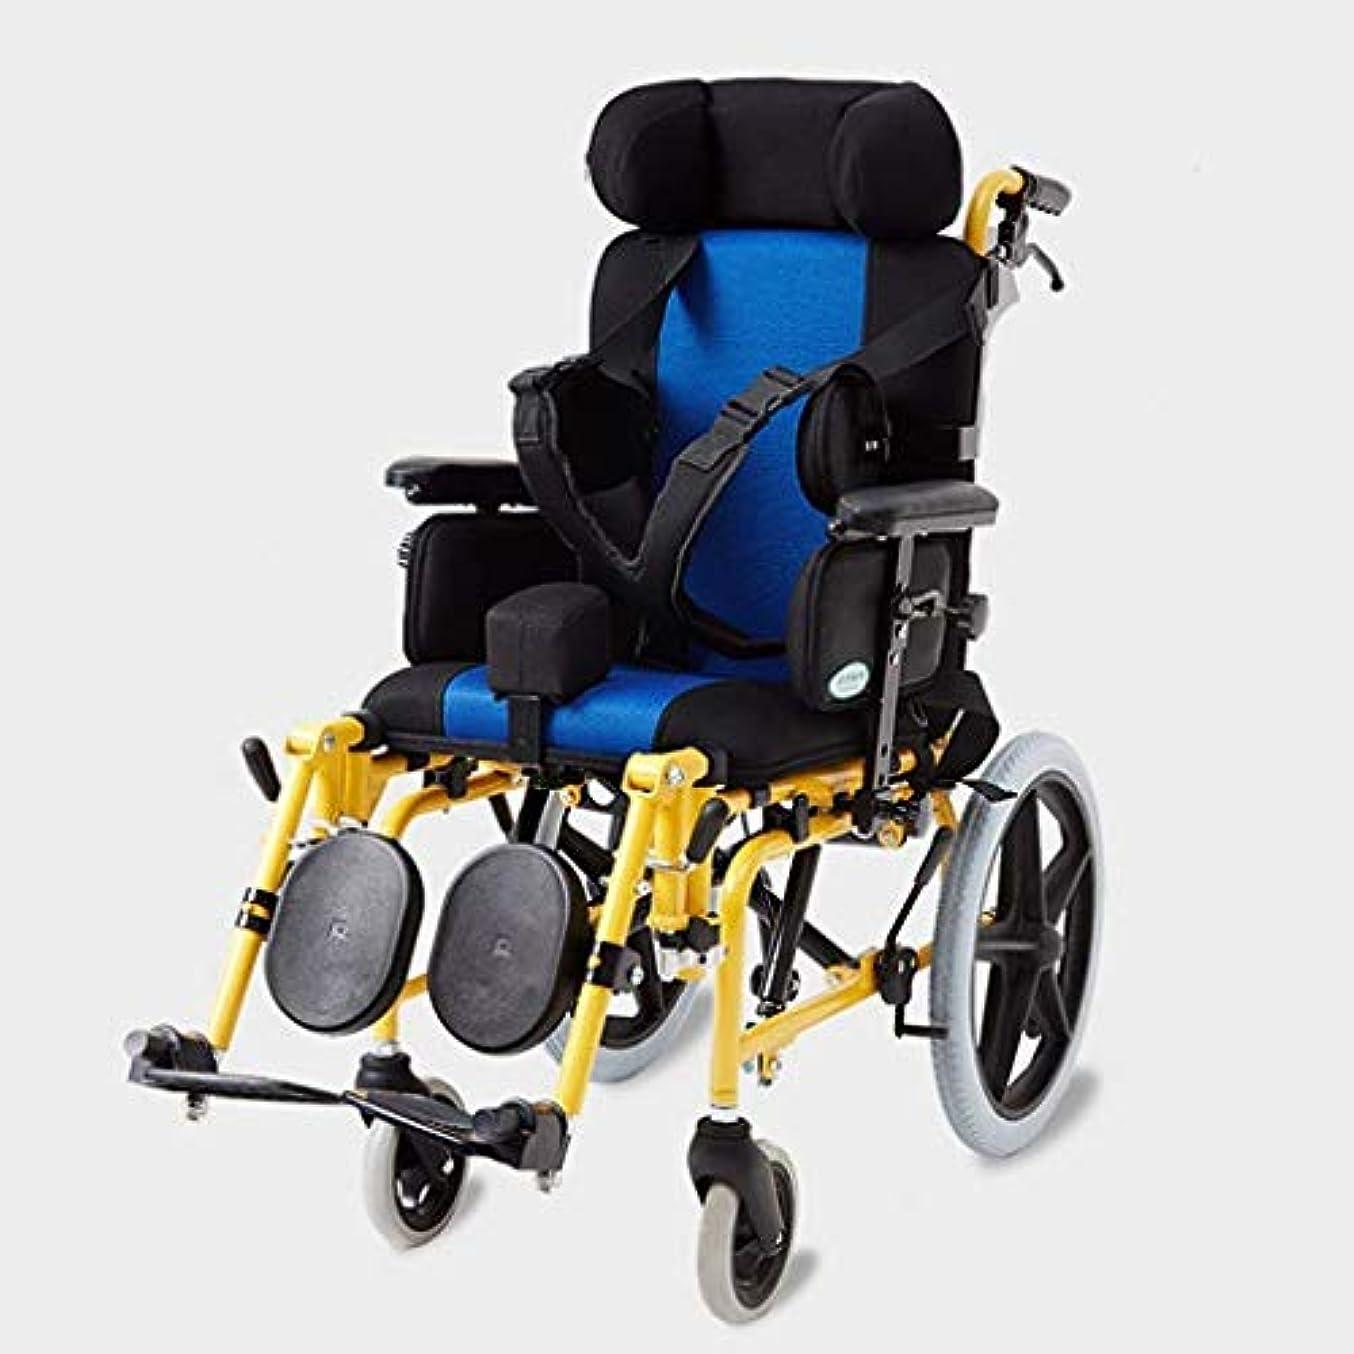 リフト確率バングラデシュ車いす多機能フル?レイ/セミ横たわっデザイン、マニュアル脳性麻痺、子供、軽量折りたたみ交通旅行自走式ウォーカー